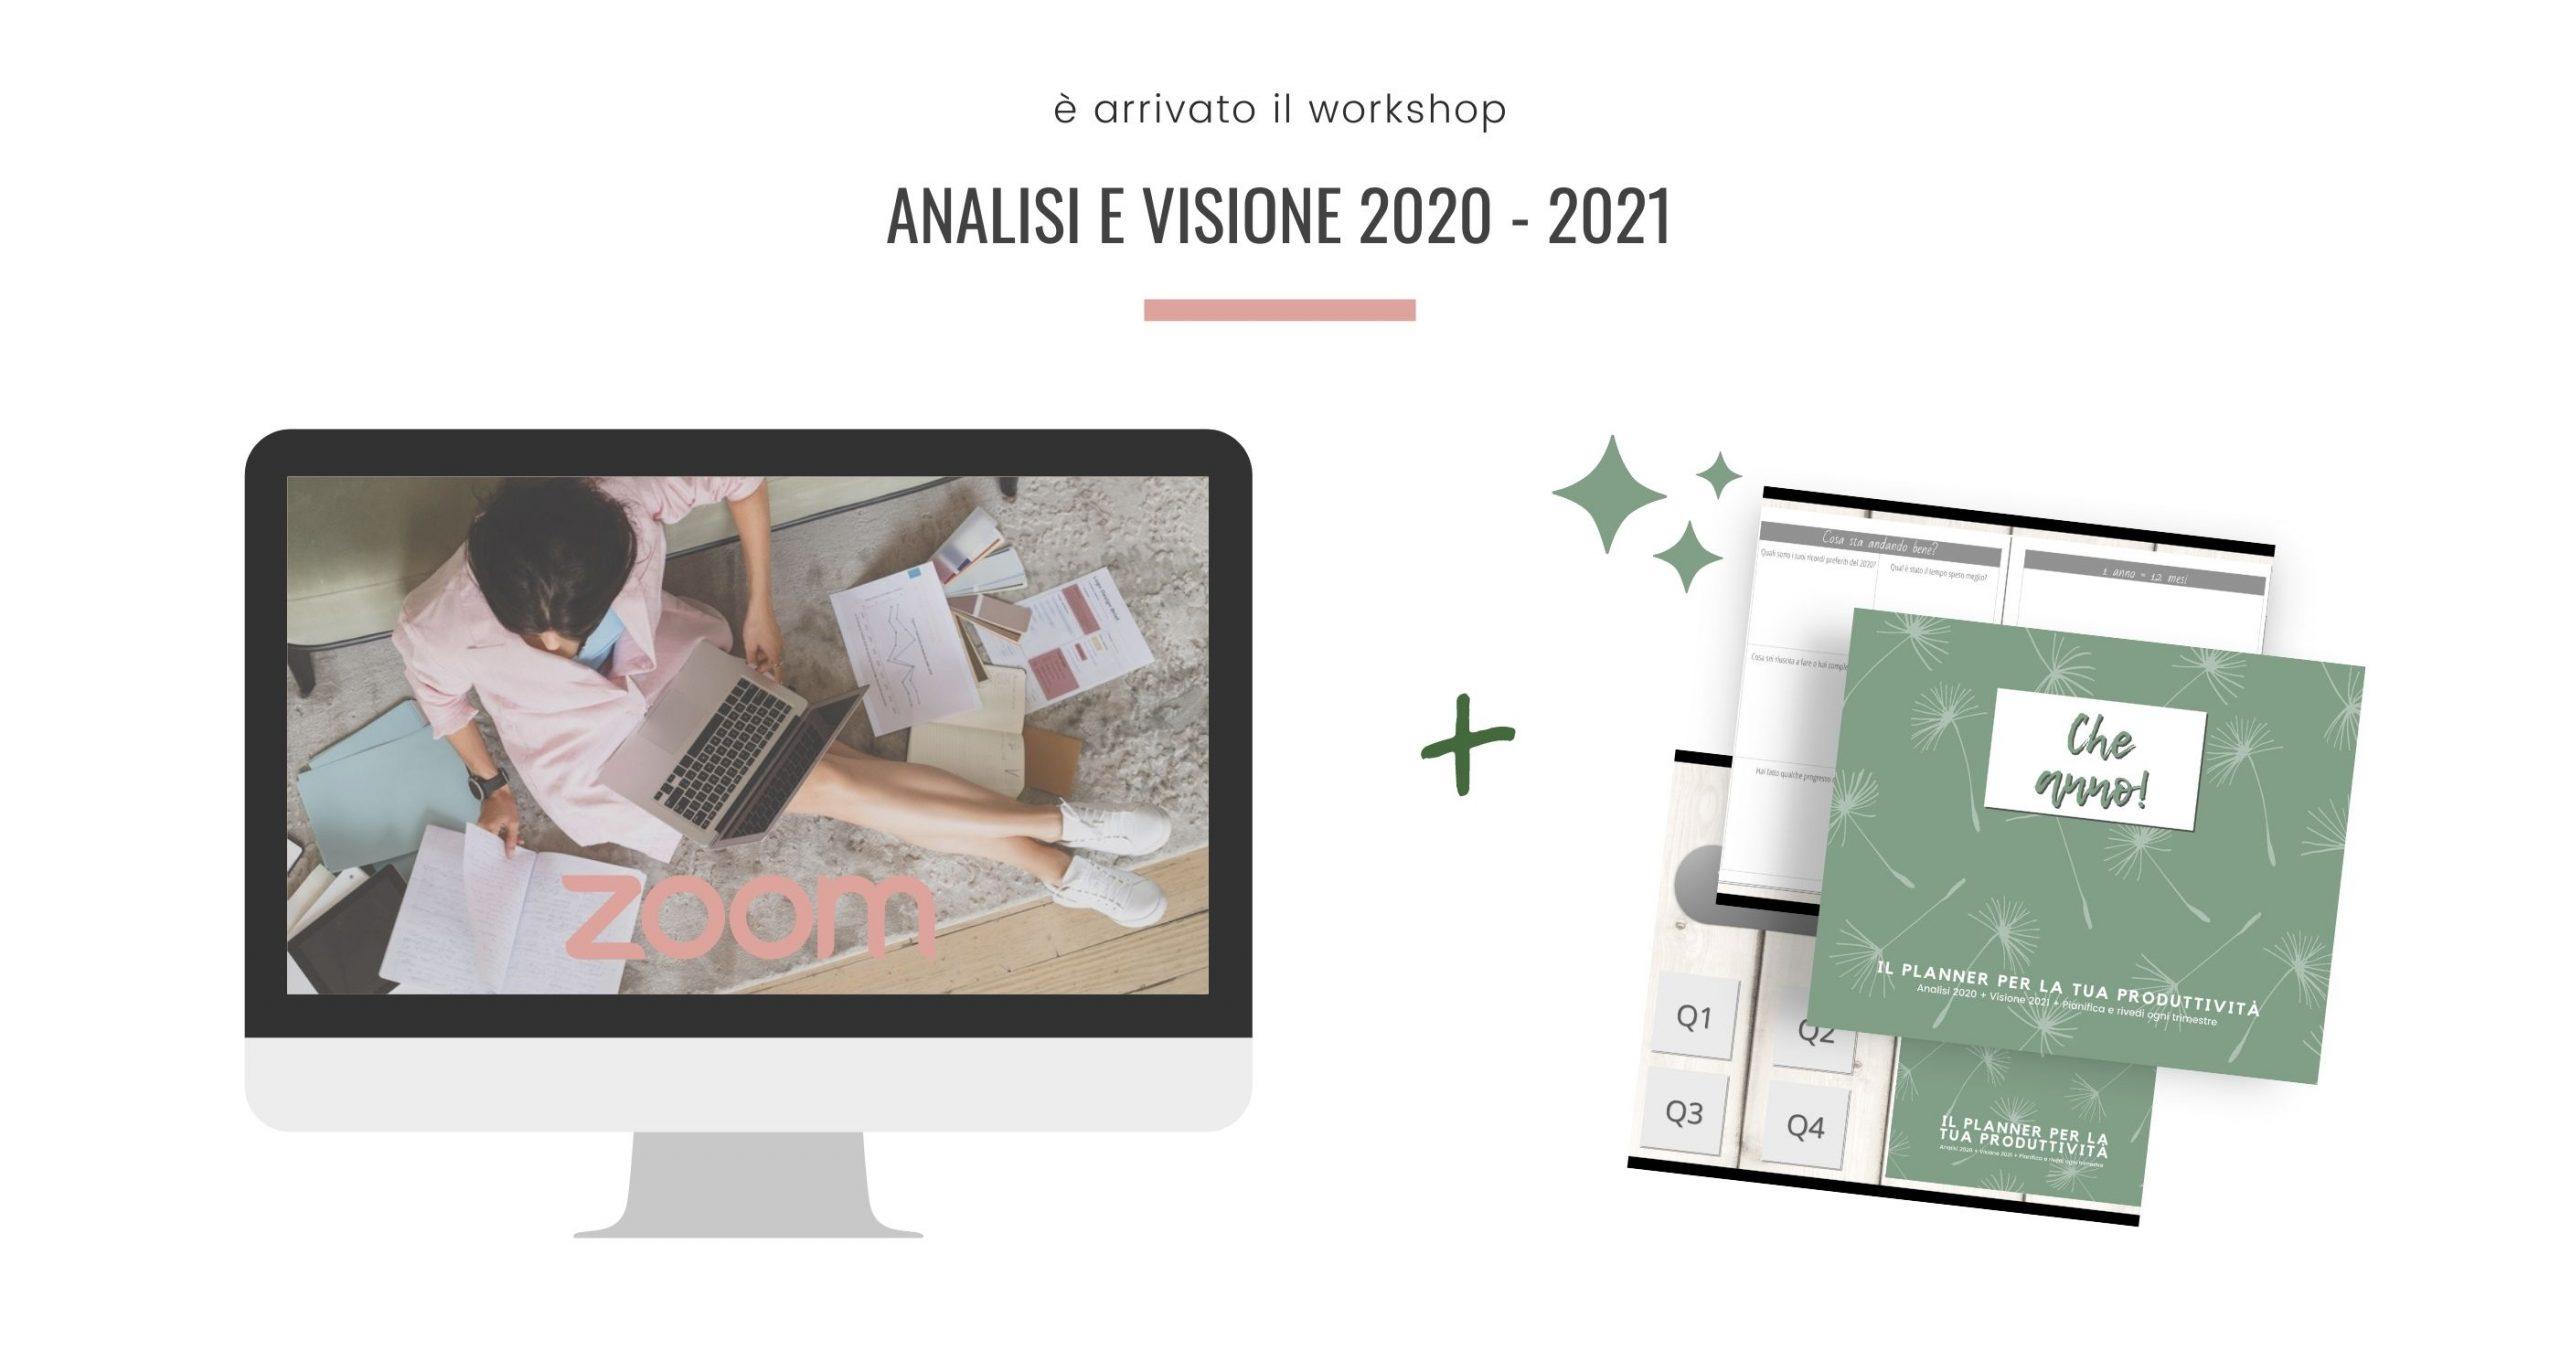 workshop-analisi-visione-20-21_5